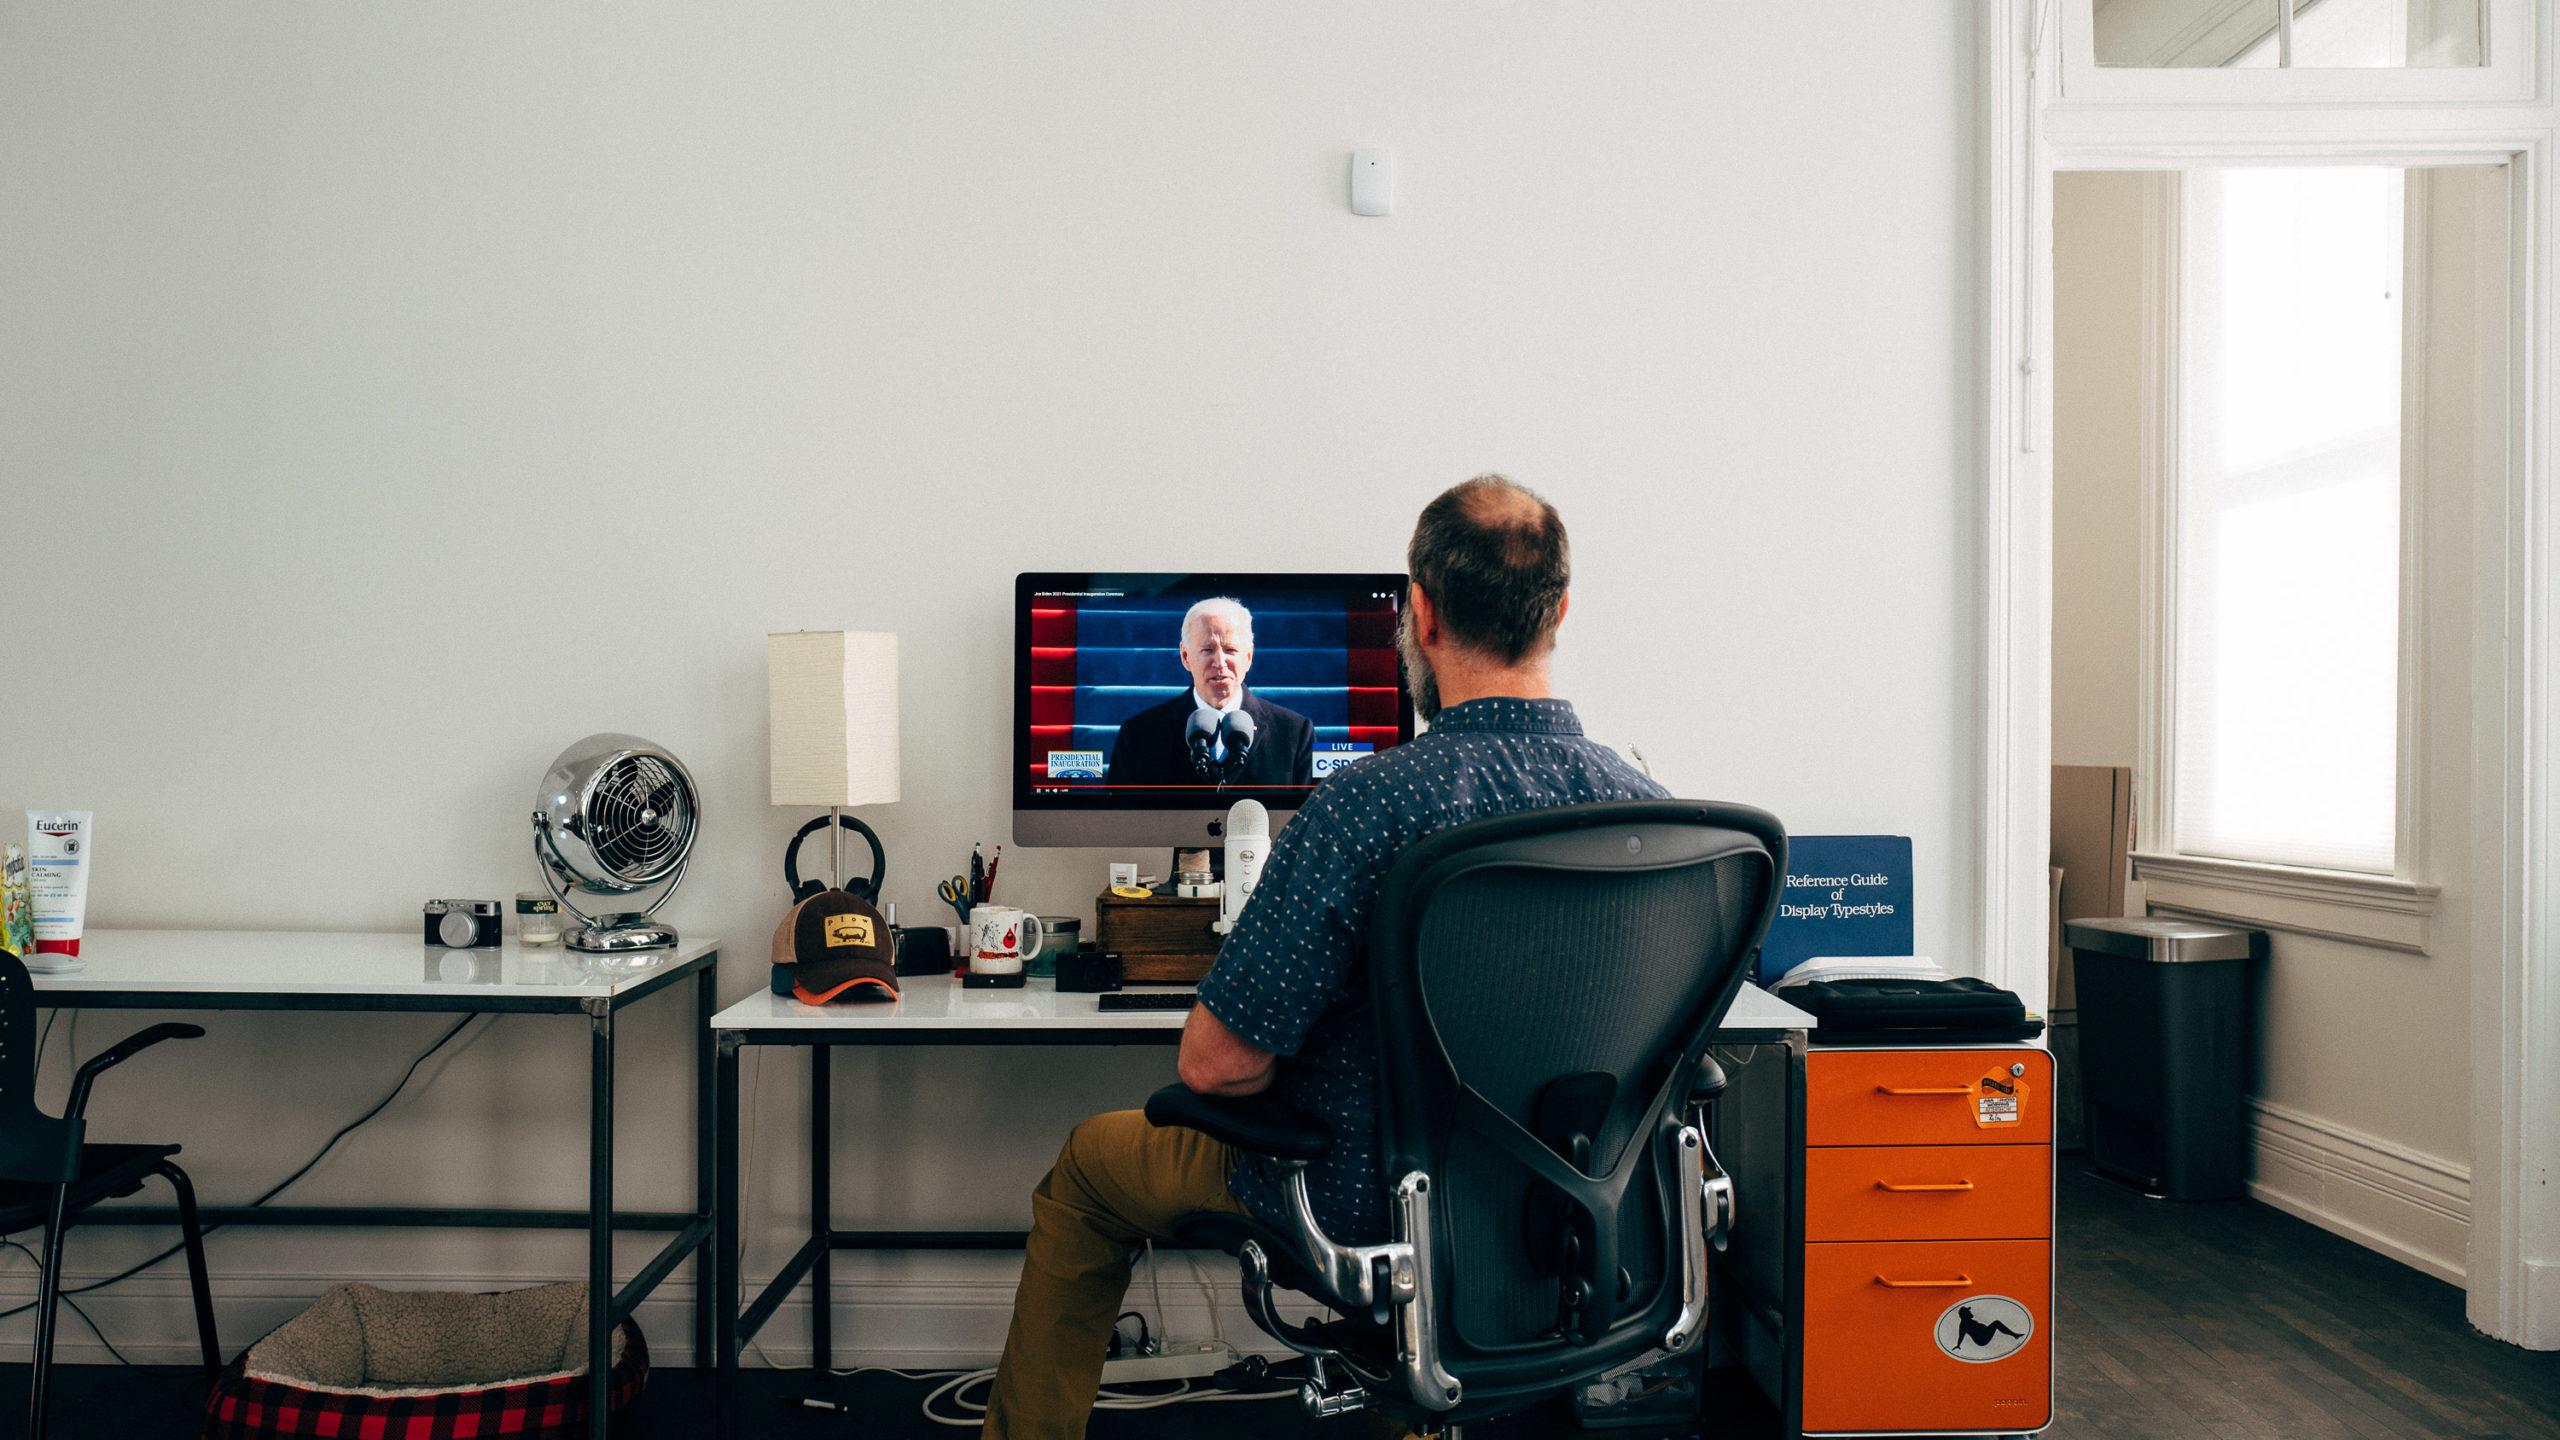 Balding man watching balding man being sworn in as US President